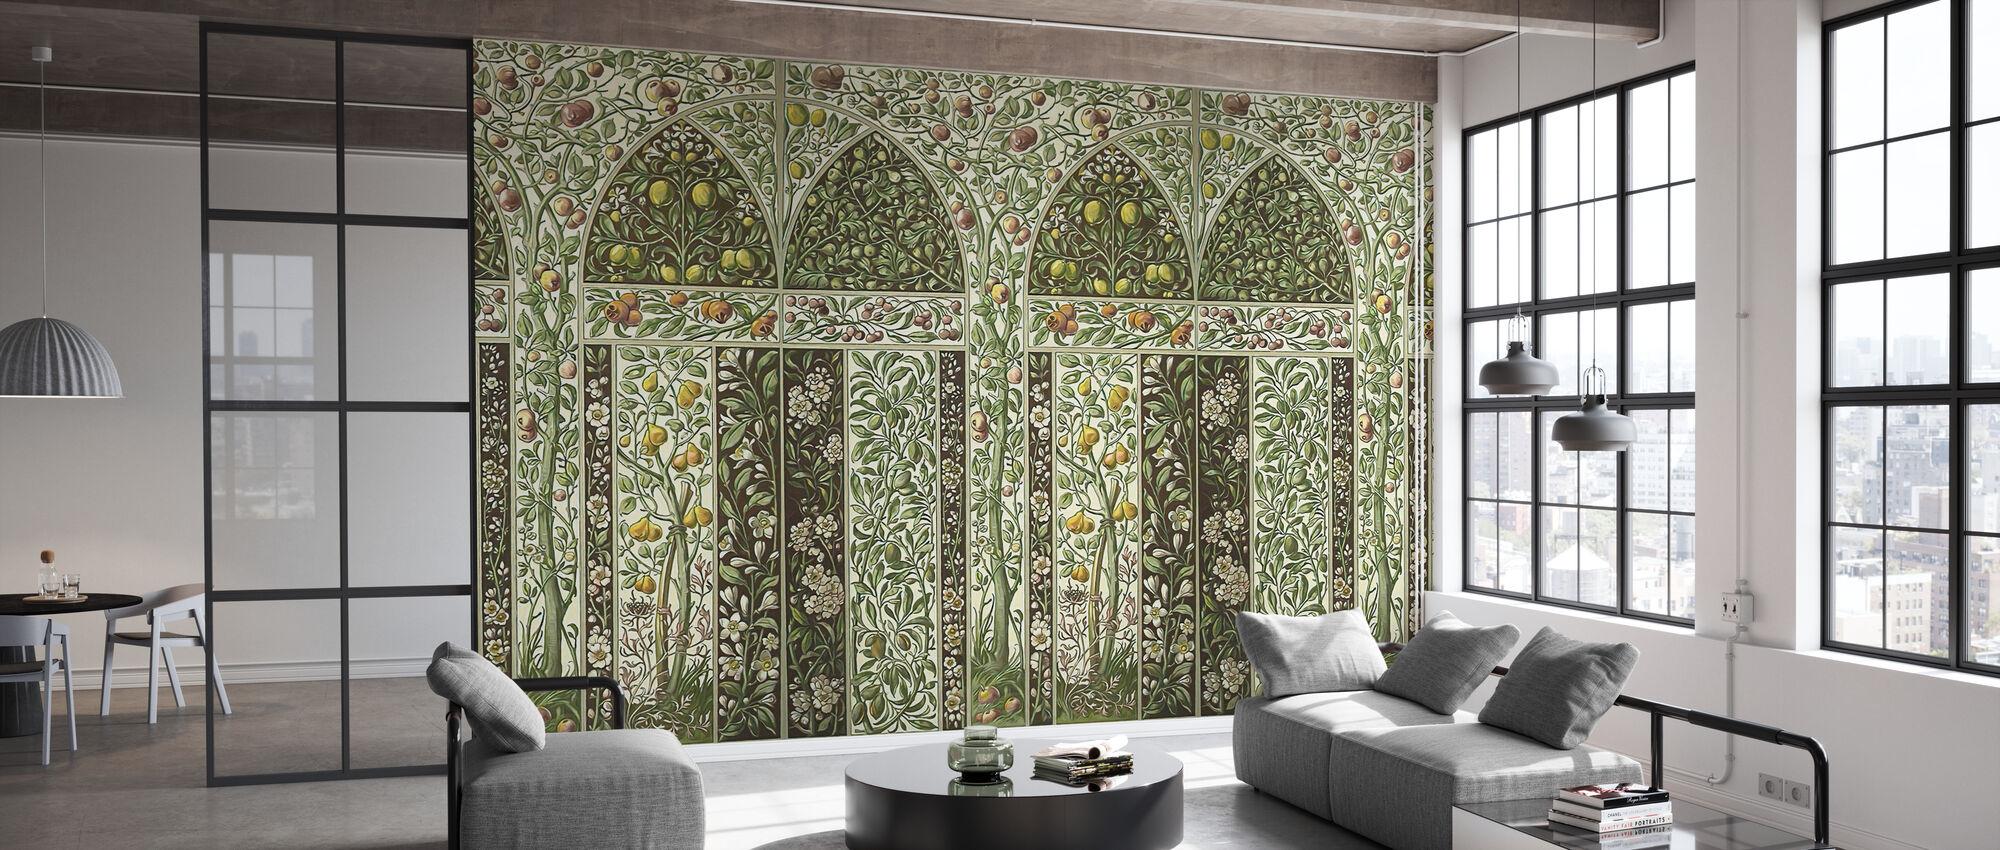 Fruits Garden - Wallpaper - Office